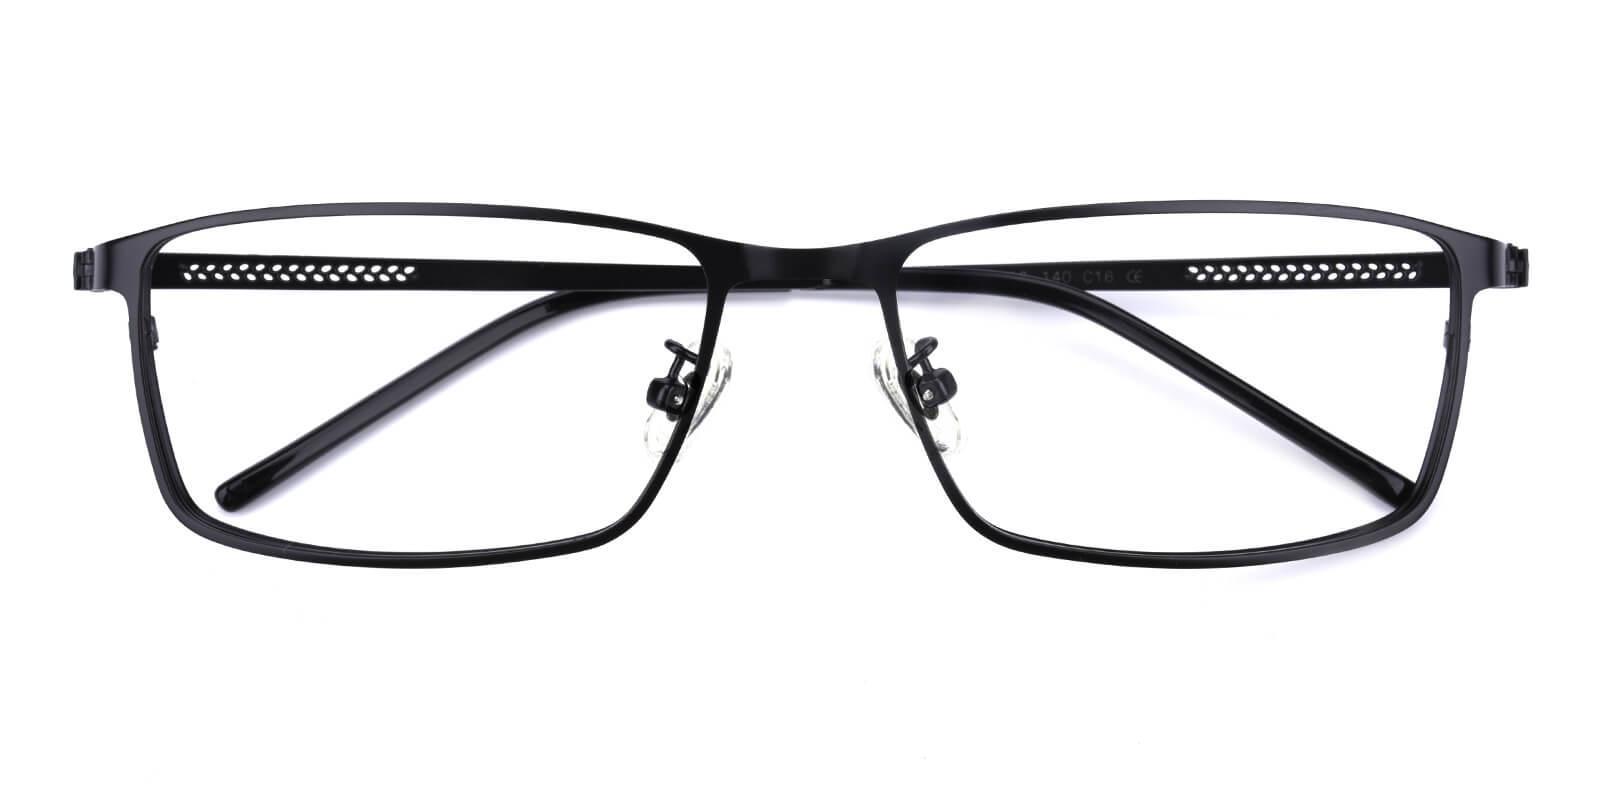 Pansney-Black-Rectangle-Metal-Eyeglasses-detail